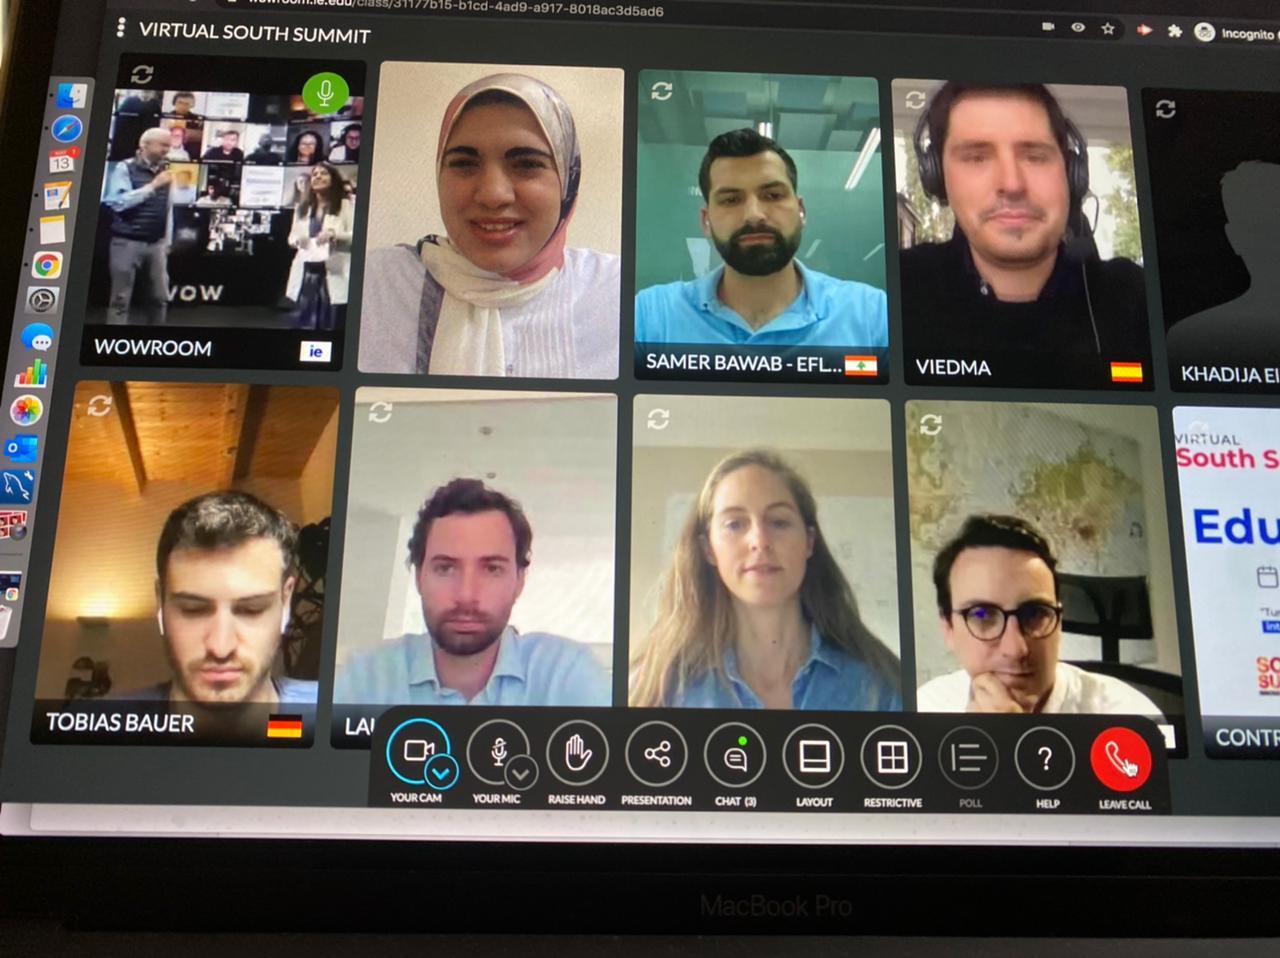 مشاركة براكسيلابس Virtual South Summit Education